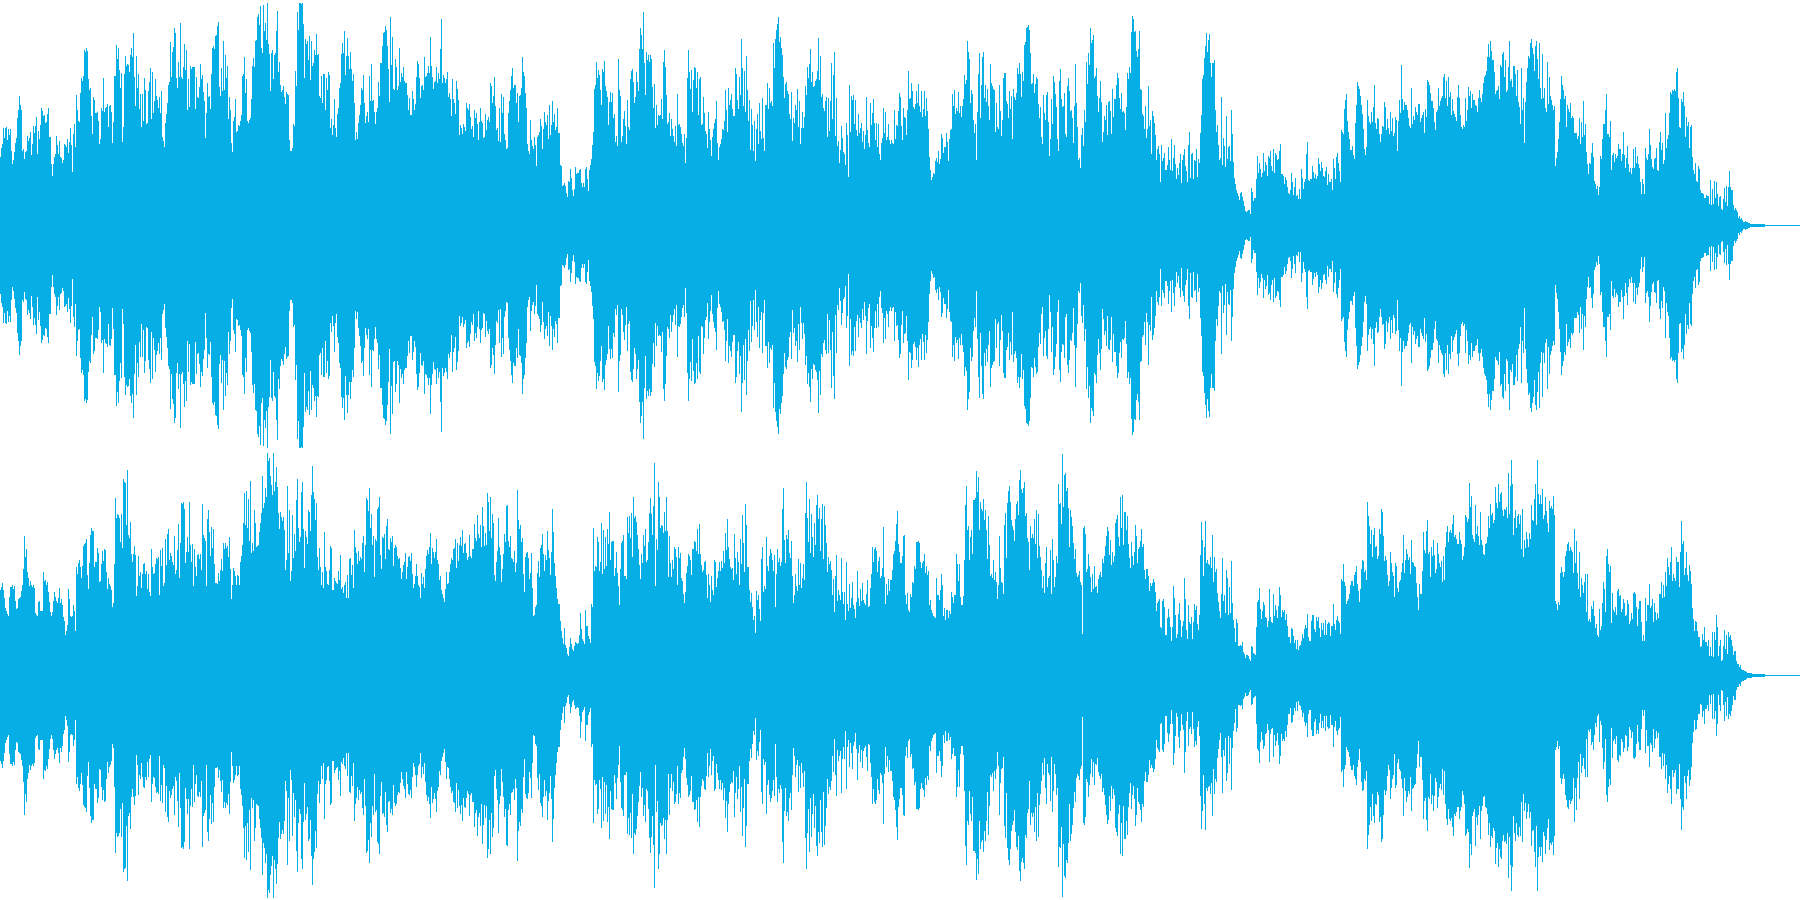 神秘的な広がりのあるシンセのアンビエントの再生済みの波形